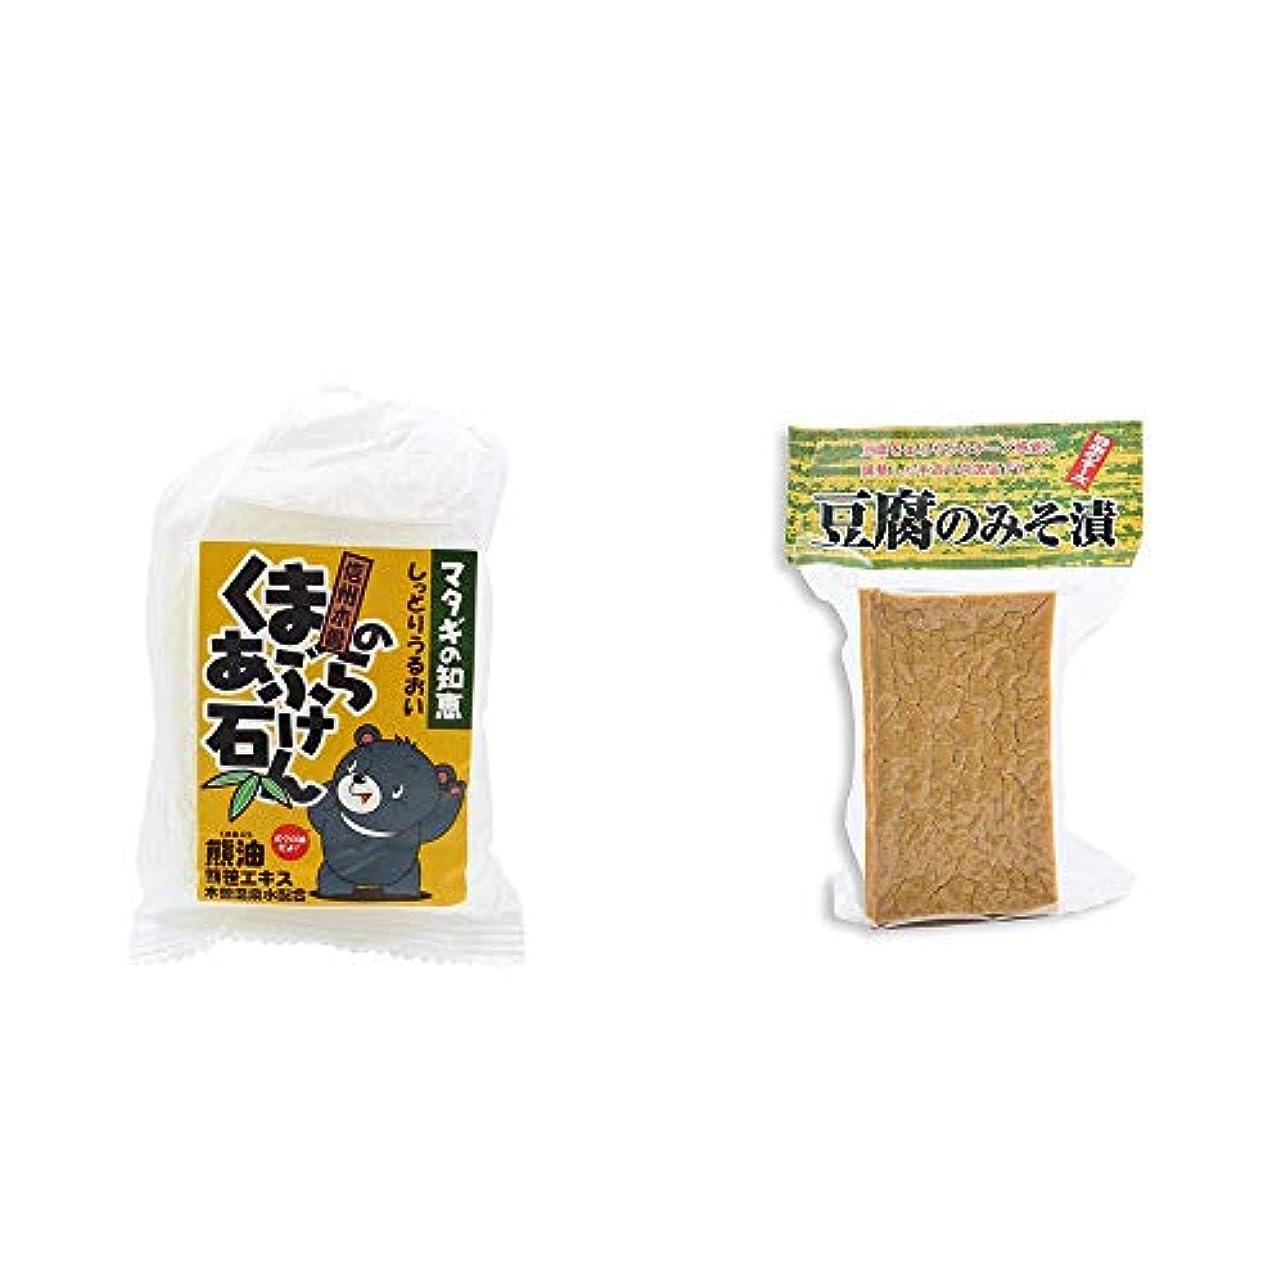 グラフアジア人浮浪者[2点セット] 信州木曽 くまのあぶら石けん(80g)?日本のチーズ 豆腐のみそ漬(1個入)